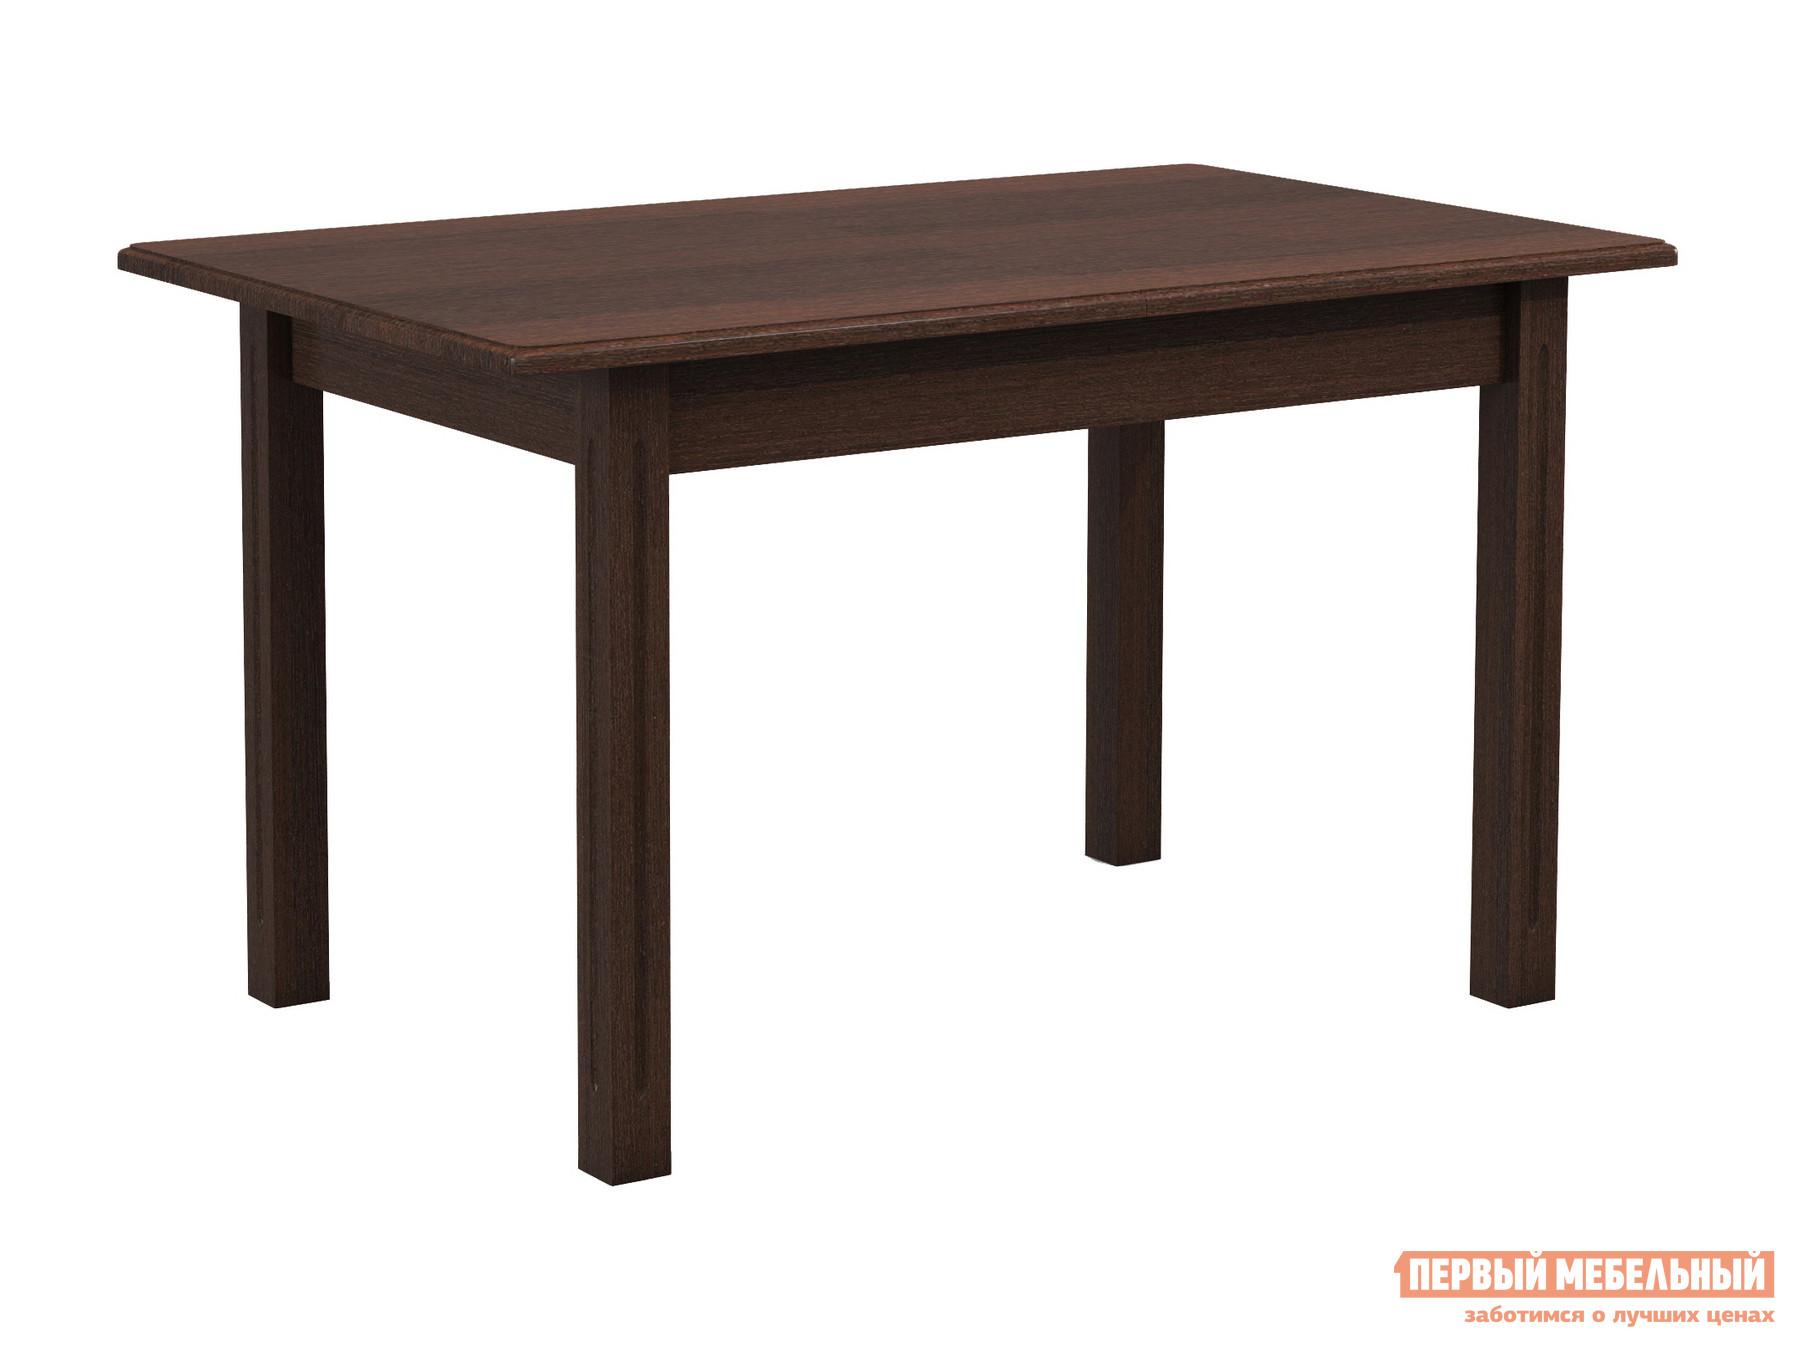 Обеденный стол ДИК Стол Соболь обеденный стол дик стол альт 69 11